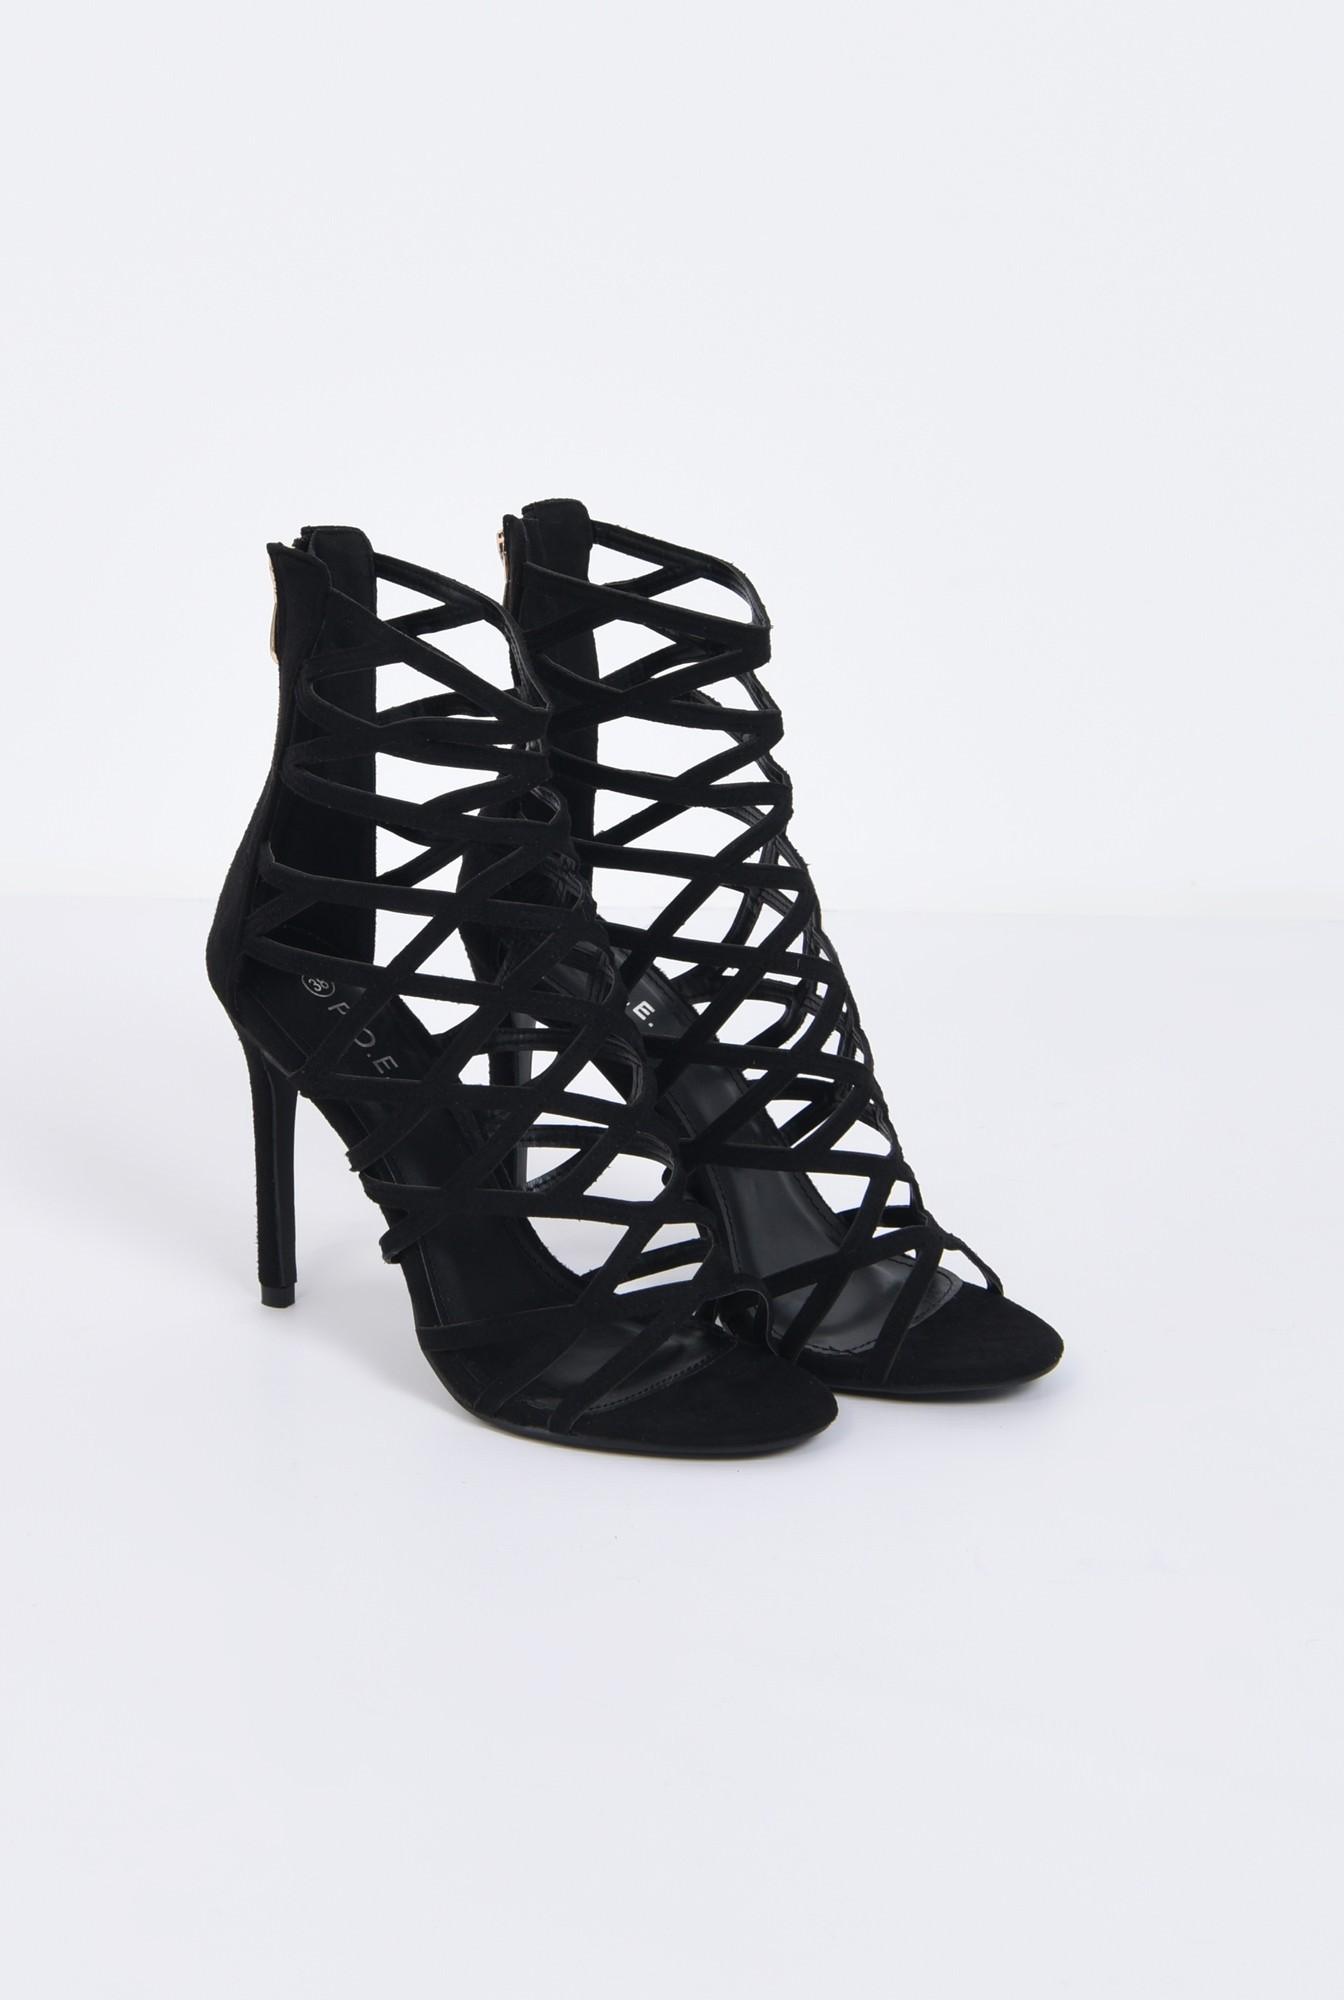 1 - sandale elegante, negru, stiletto